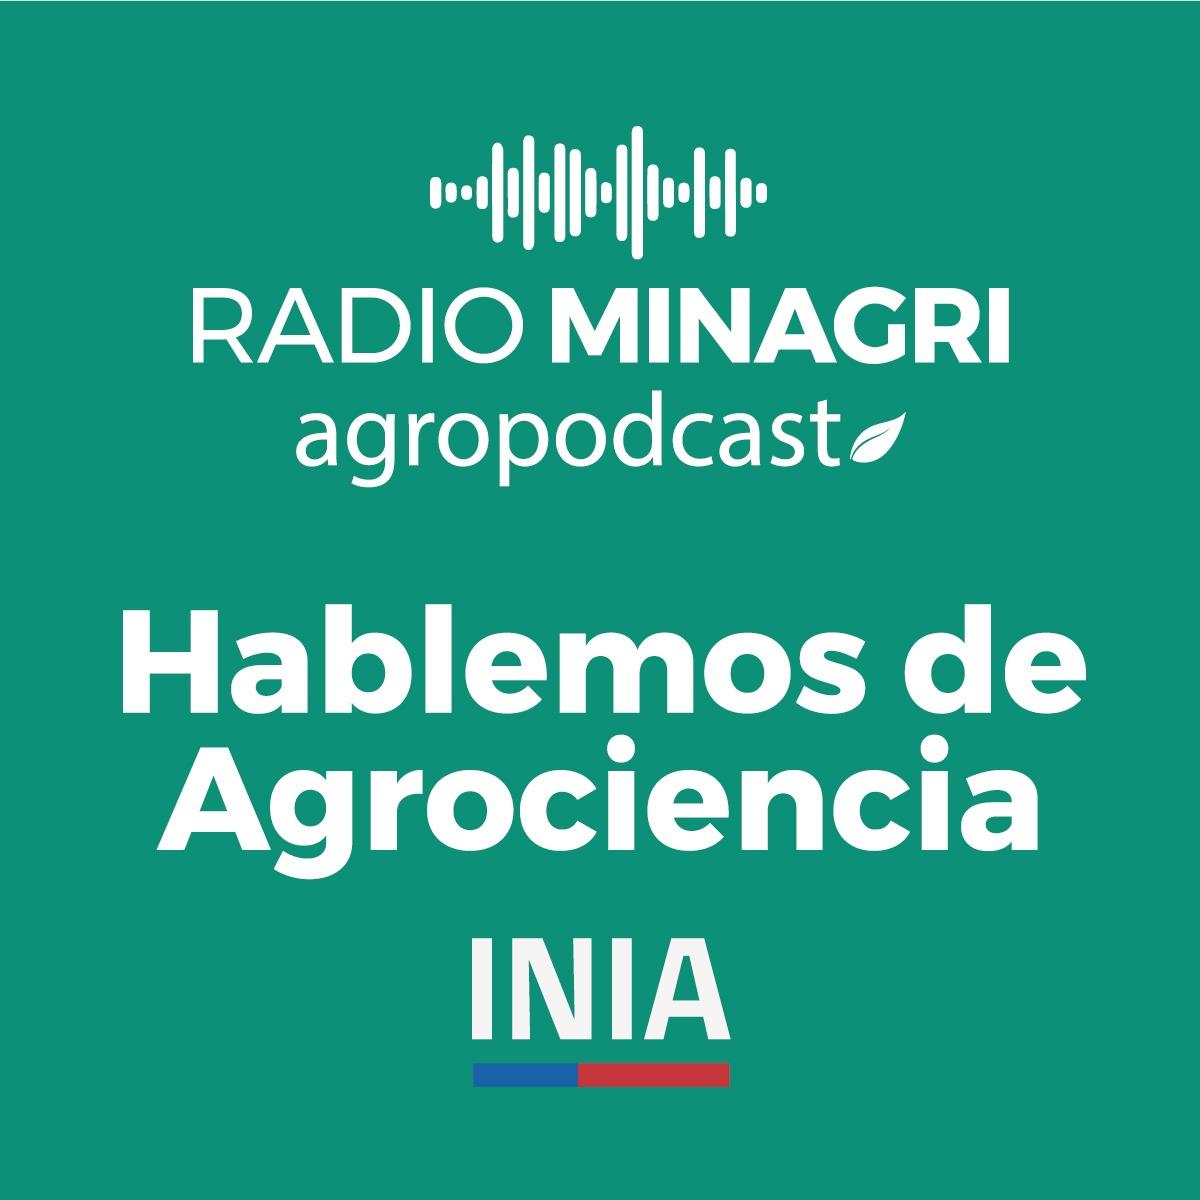 Hablemos de agrociencia – Episodio 1: Cómo extender la vida útil de frutas y verduras